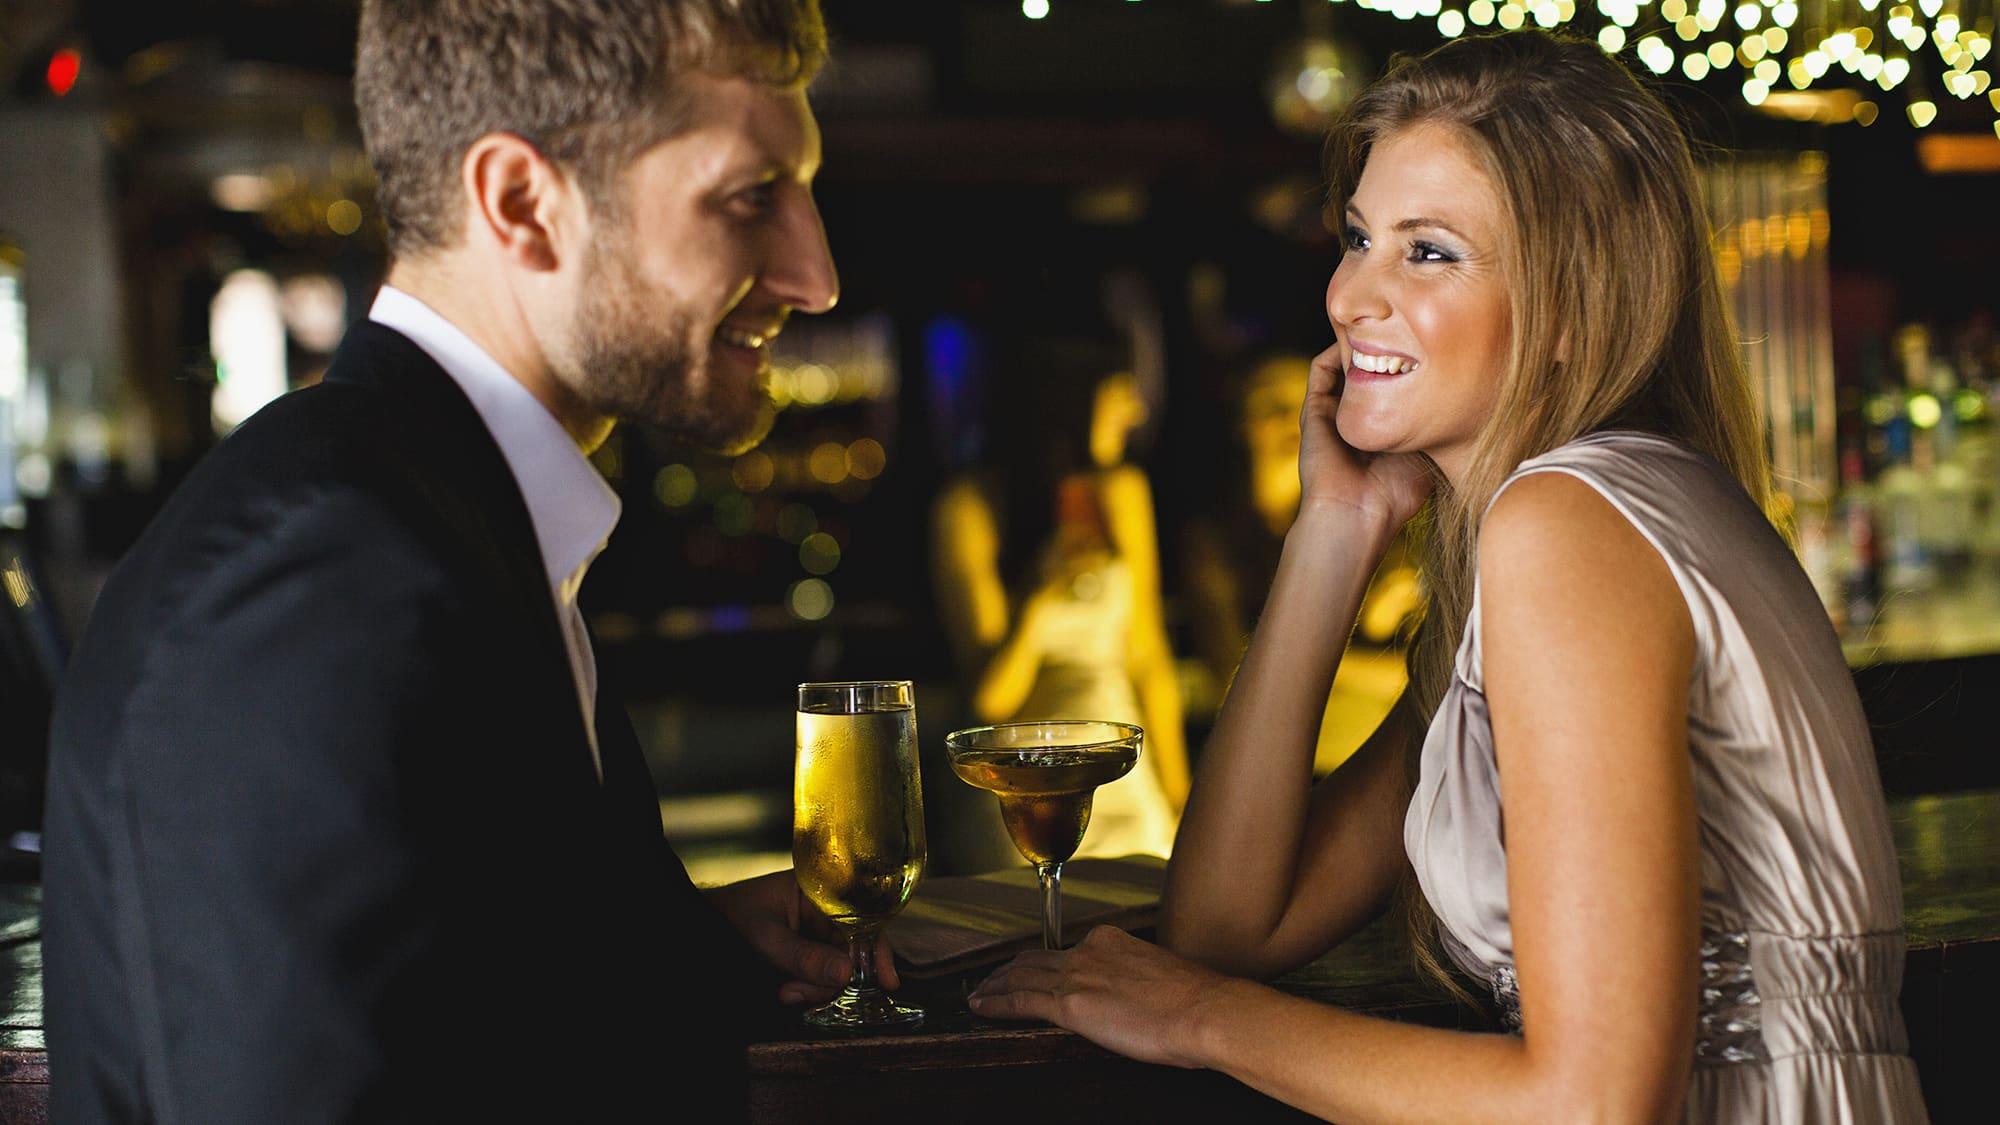 Monogamish dating site